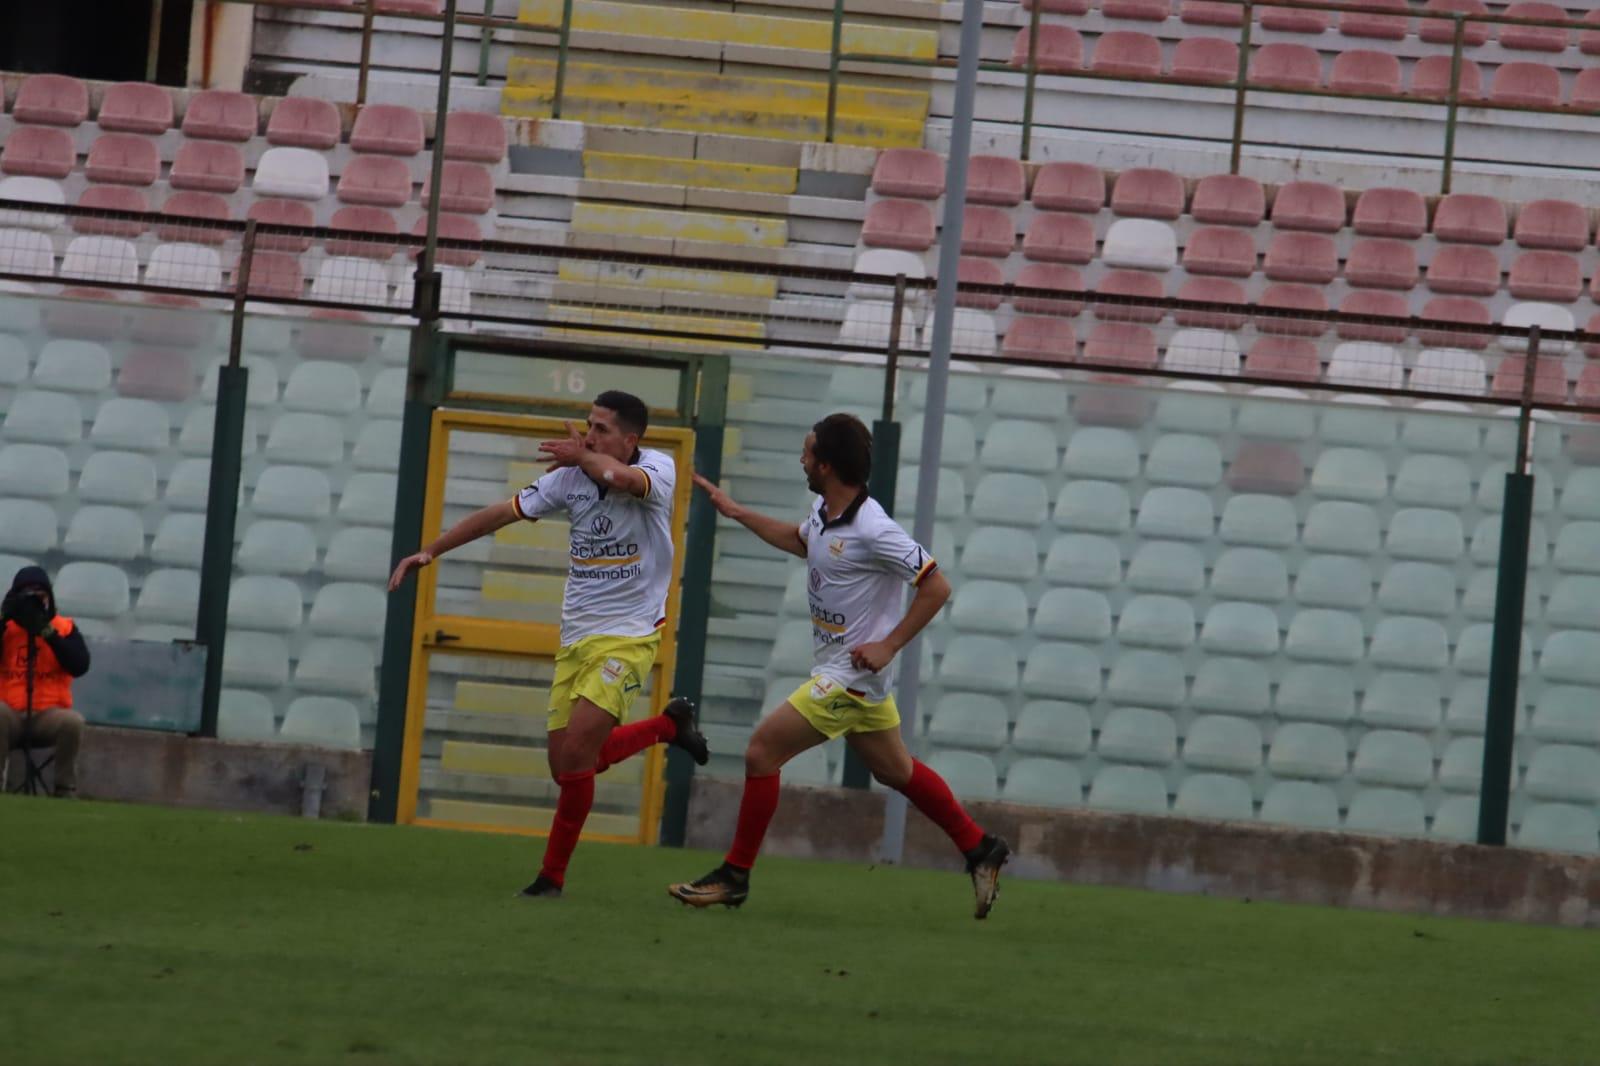 L'Acr Messina con Foggia abbatte il San Luca 2-0 e si ...